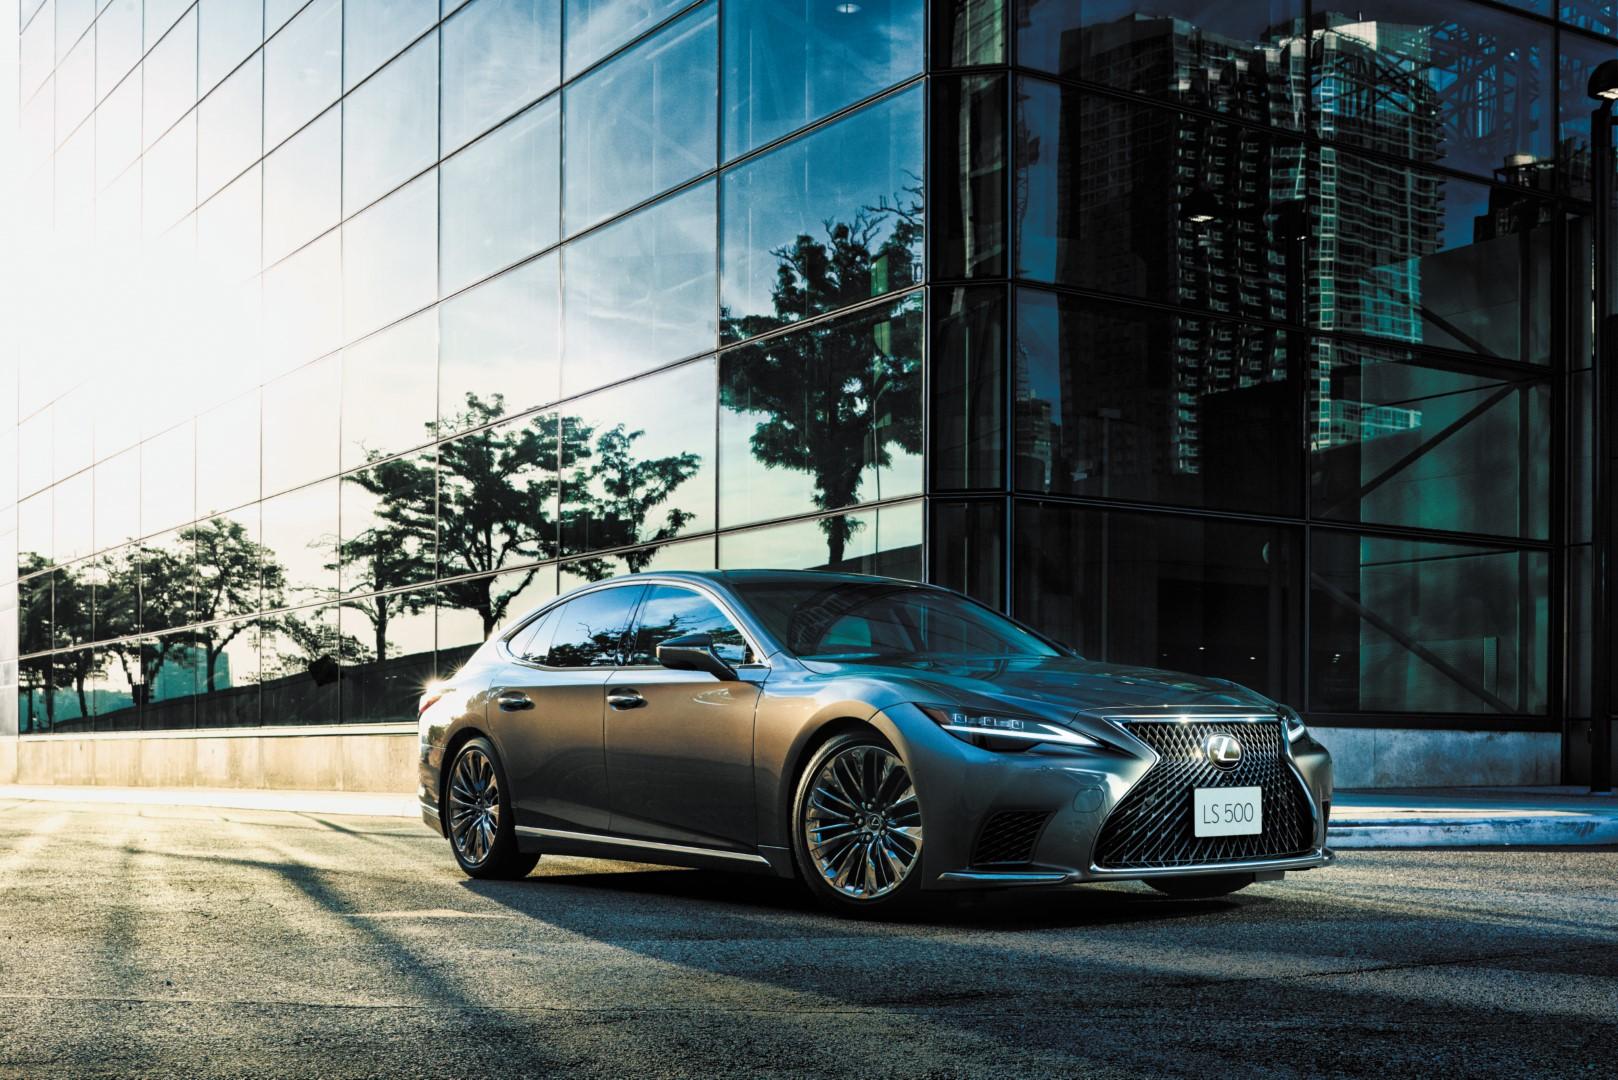 2021 Lexus LS500 rear